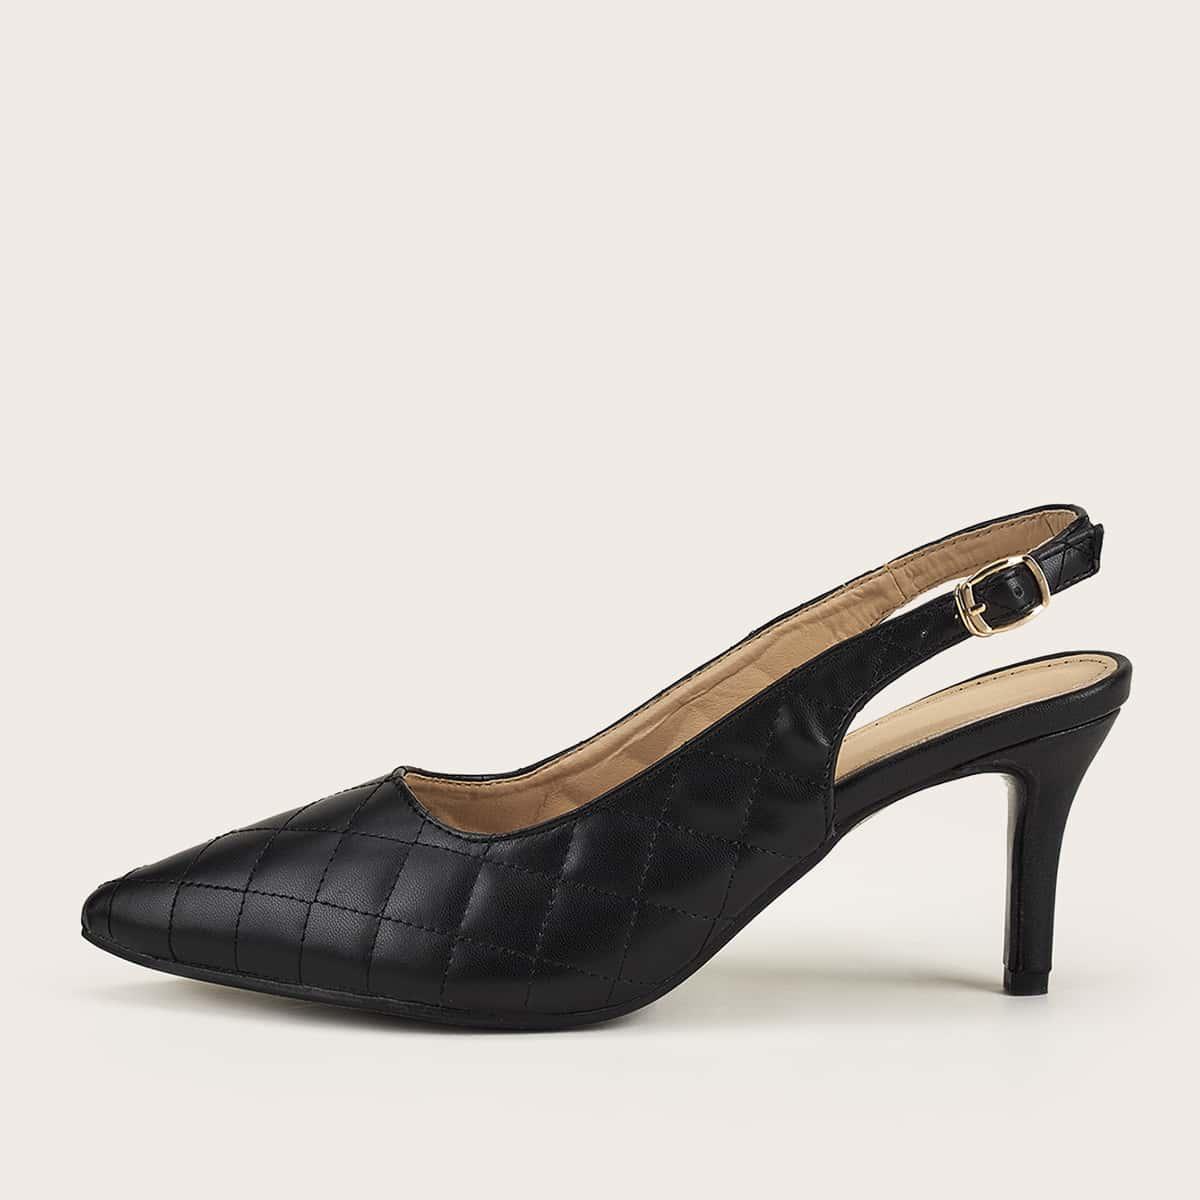 Остроконечные стеганые туфли на среднем каблуке